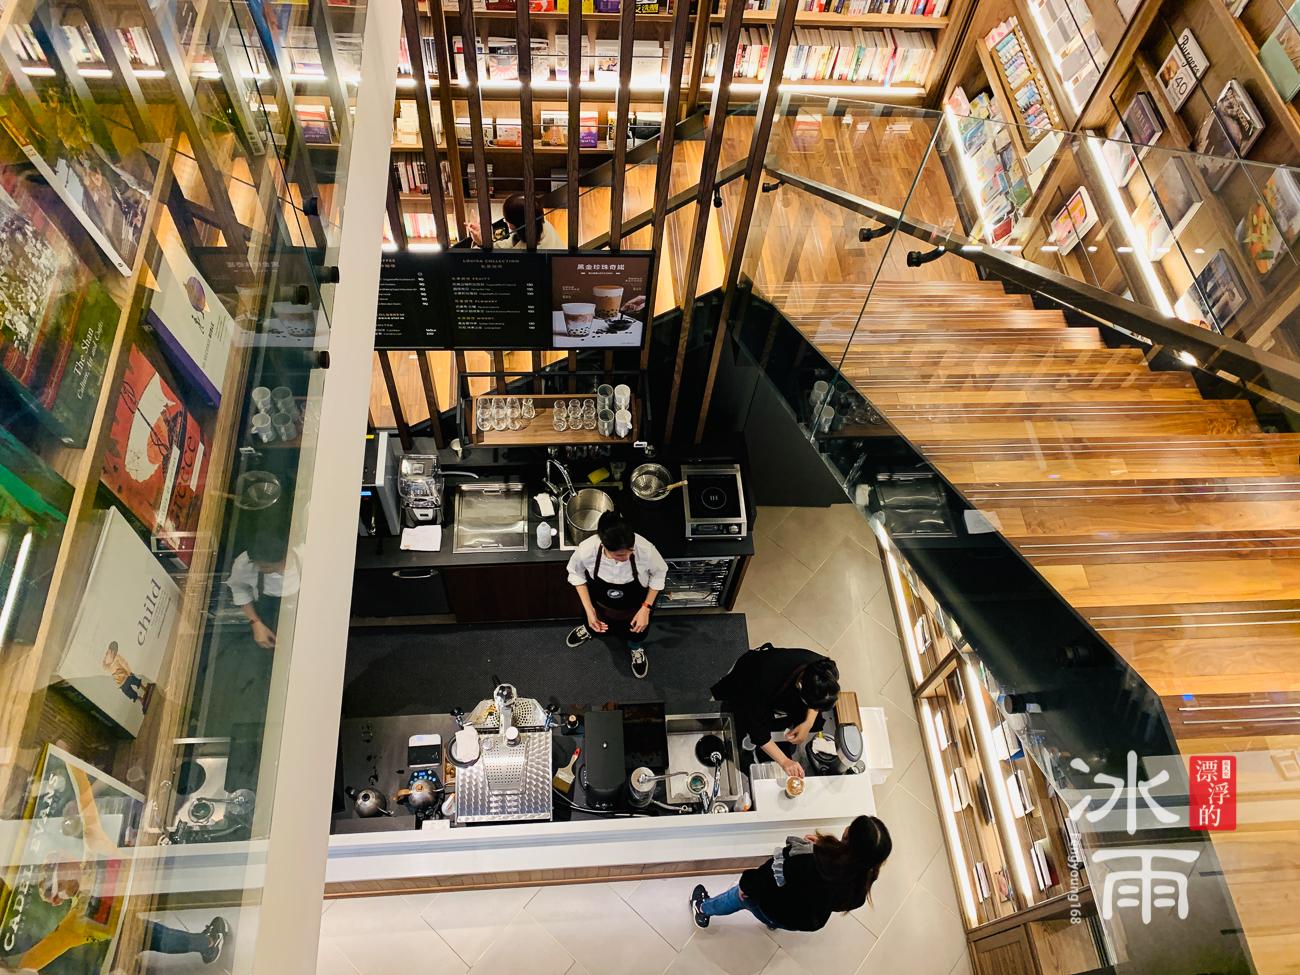 蔦屋書店松山店內部的空間照片,從二樓往下拍